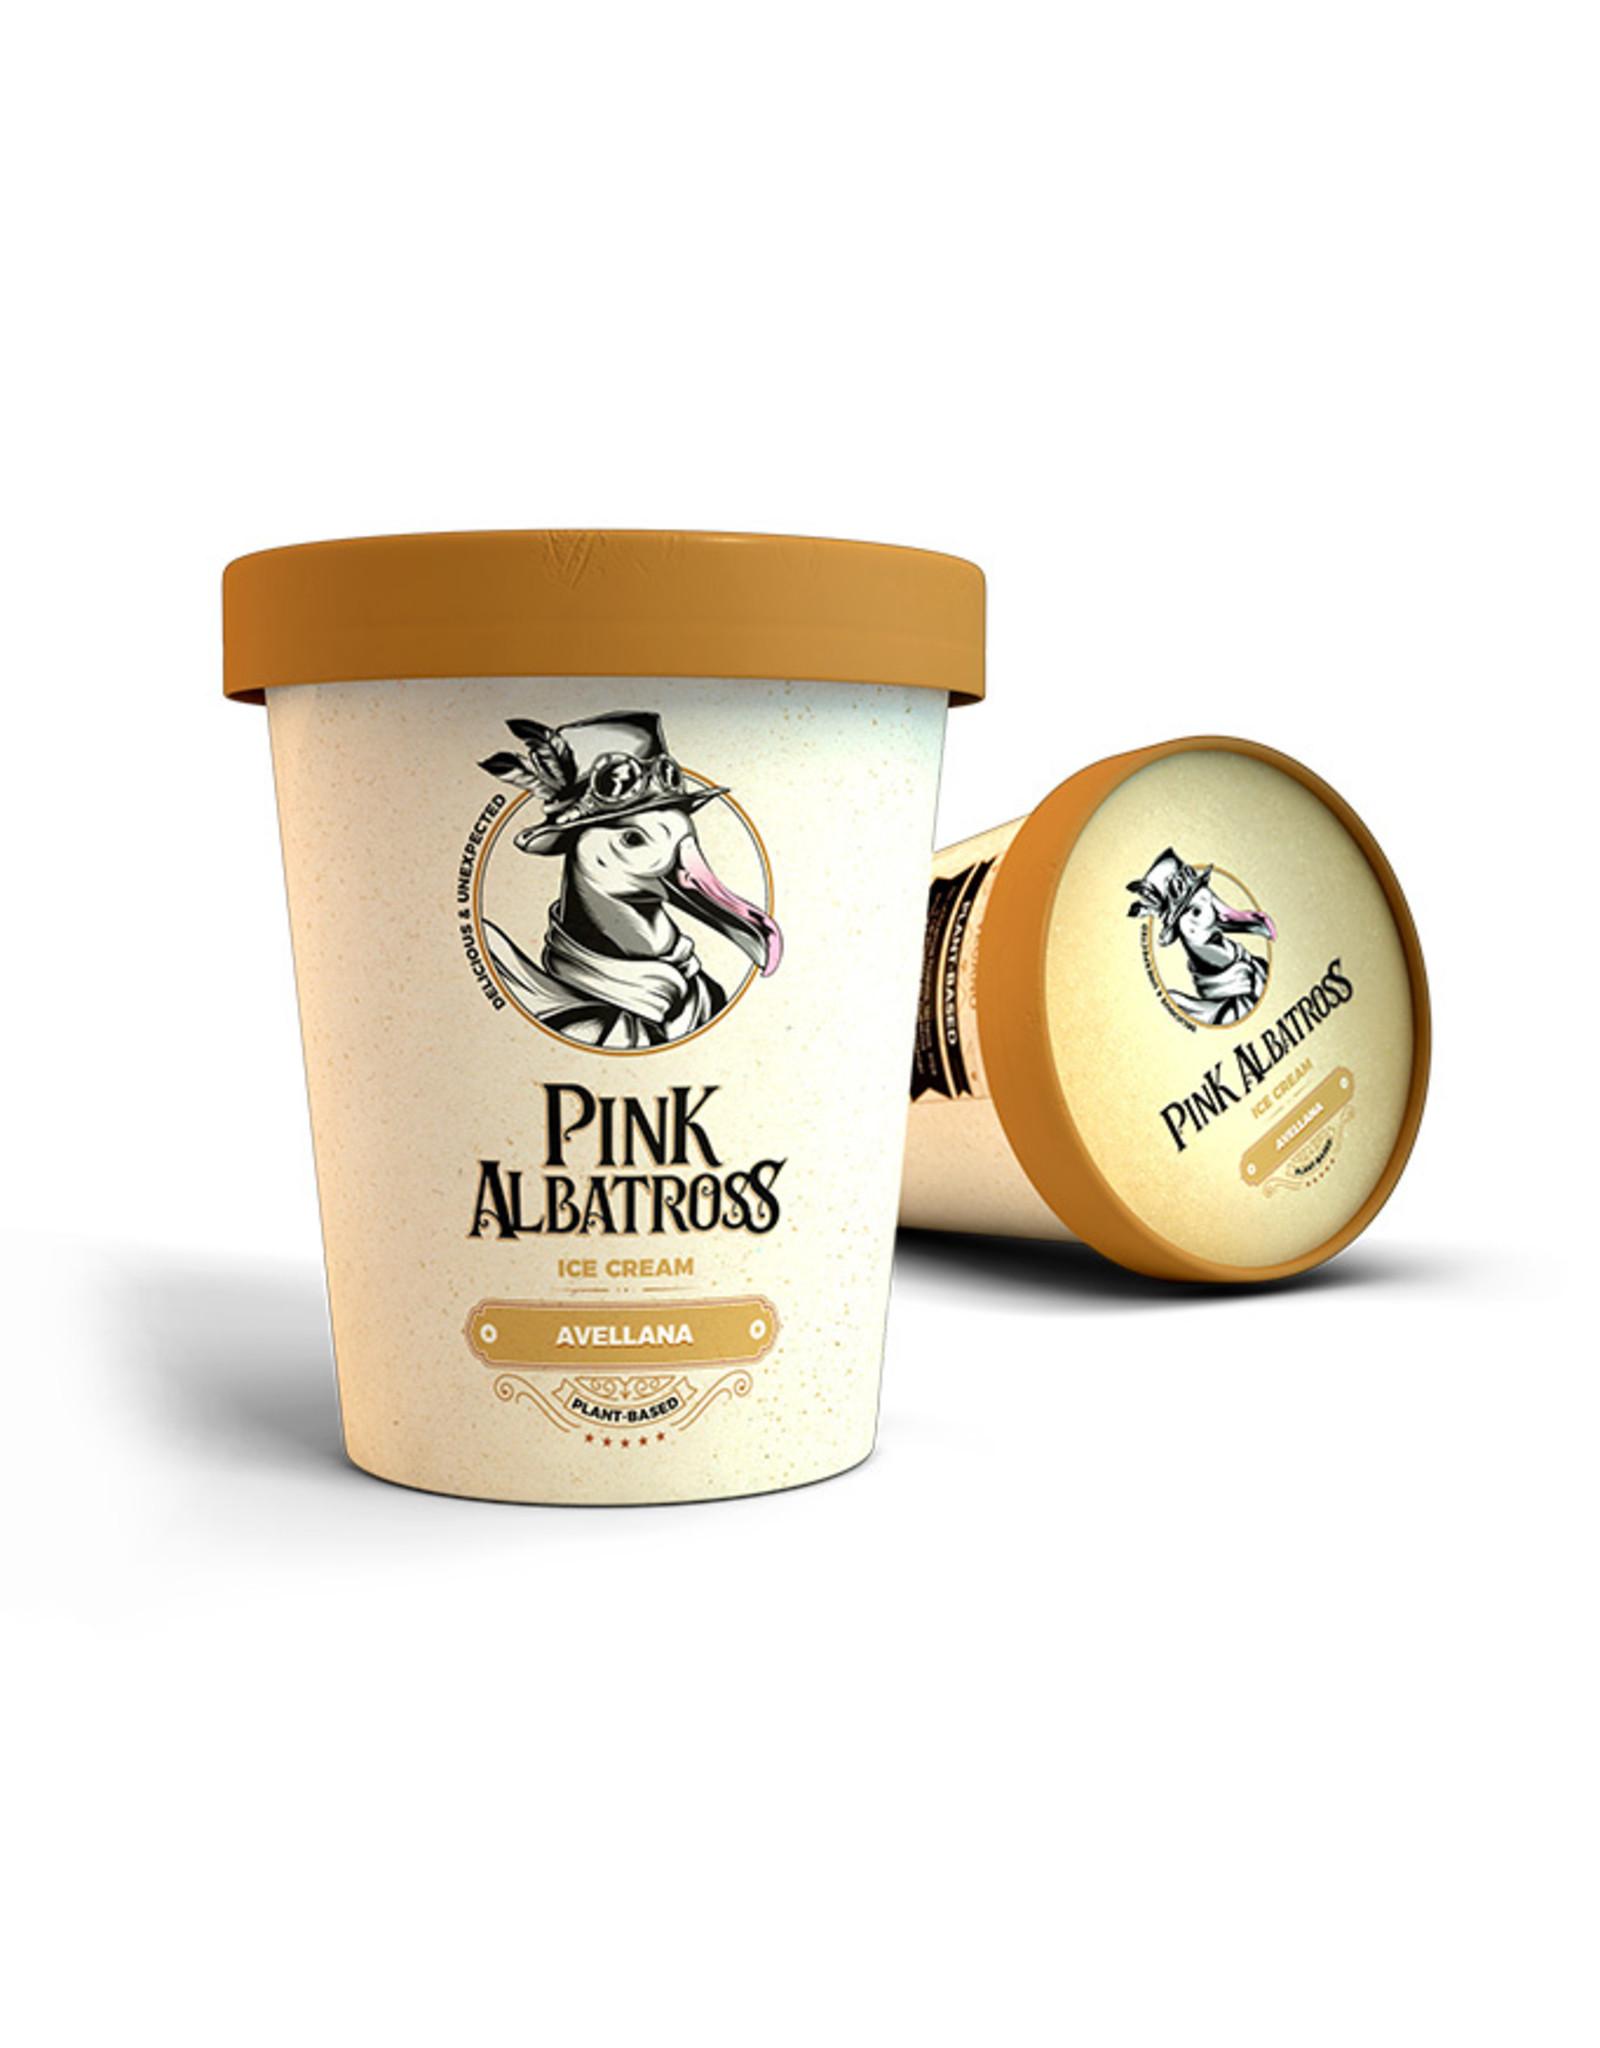 PinkAlbatross Haselnuss-Eiscreme 450ml